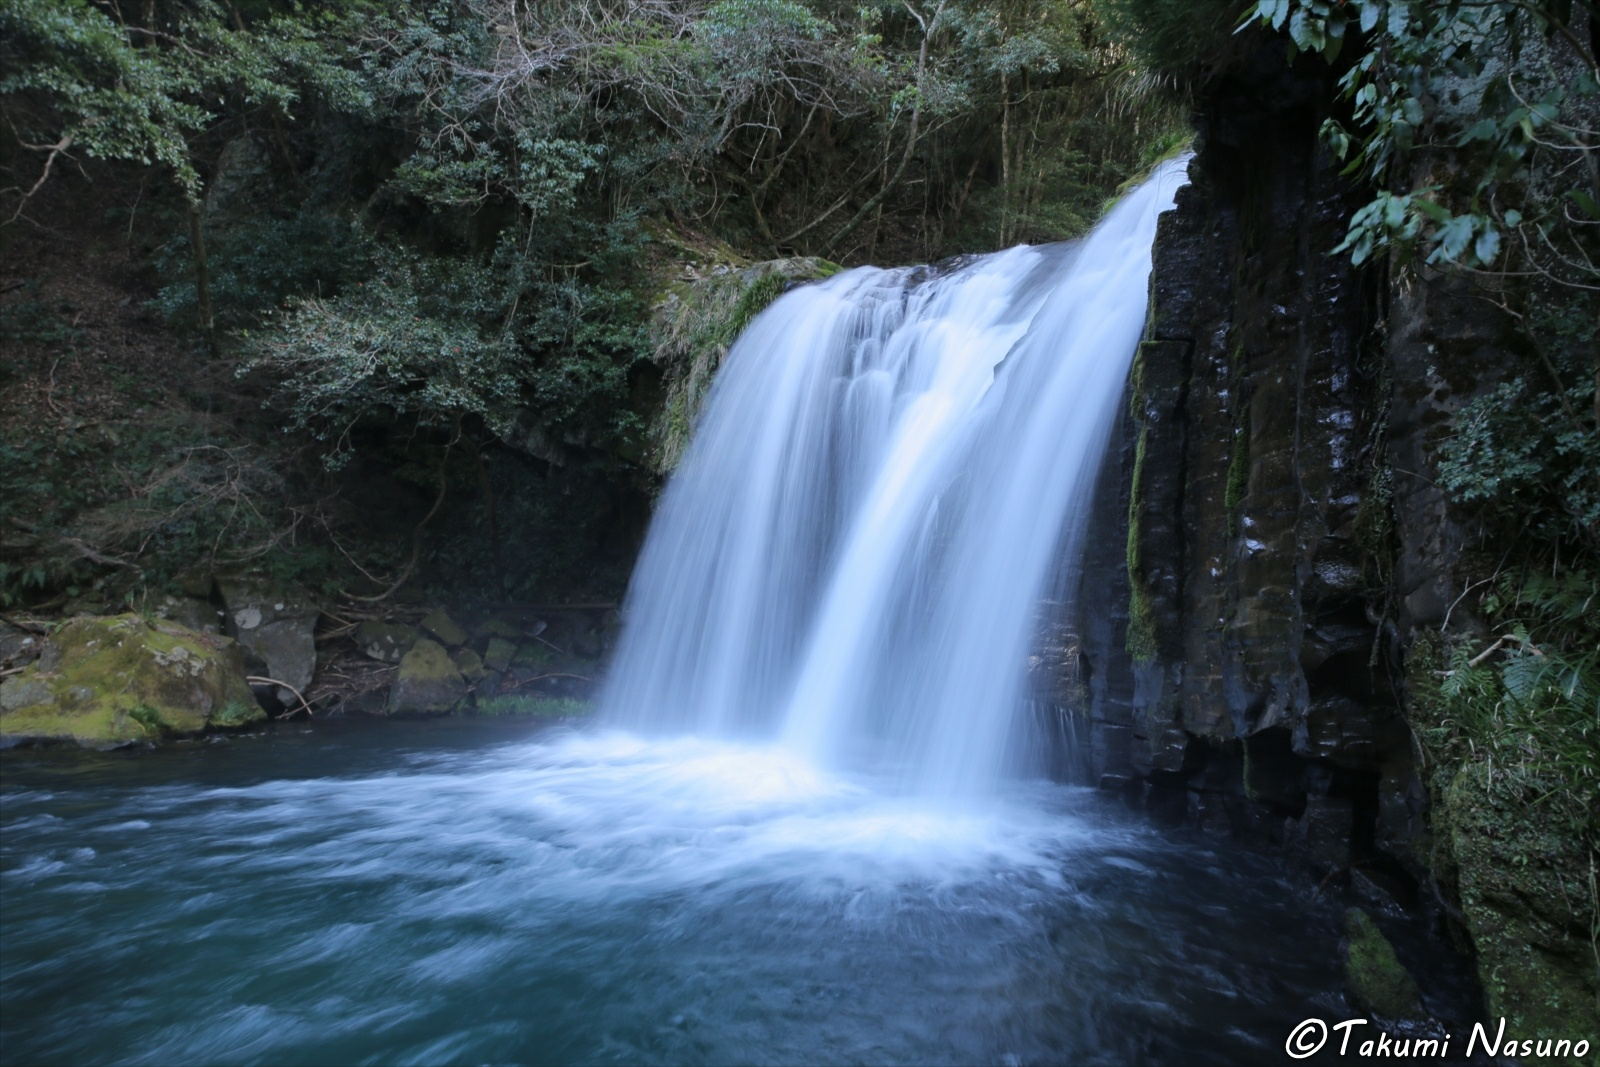 Shokei Waterfall of Kawazu Town